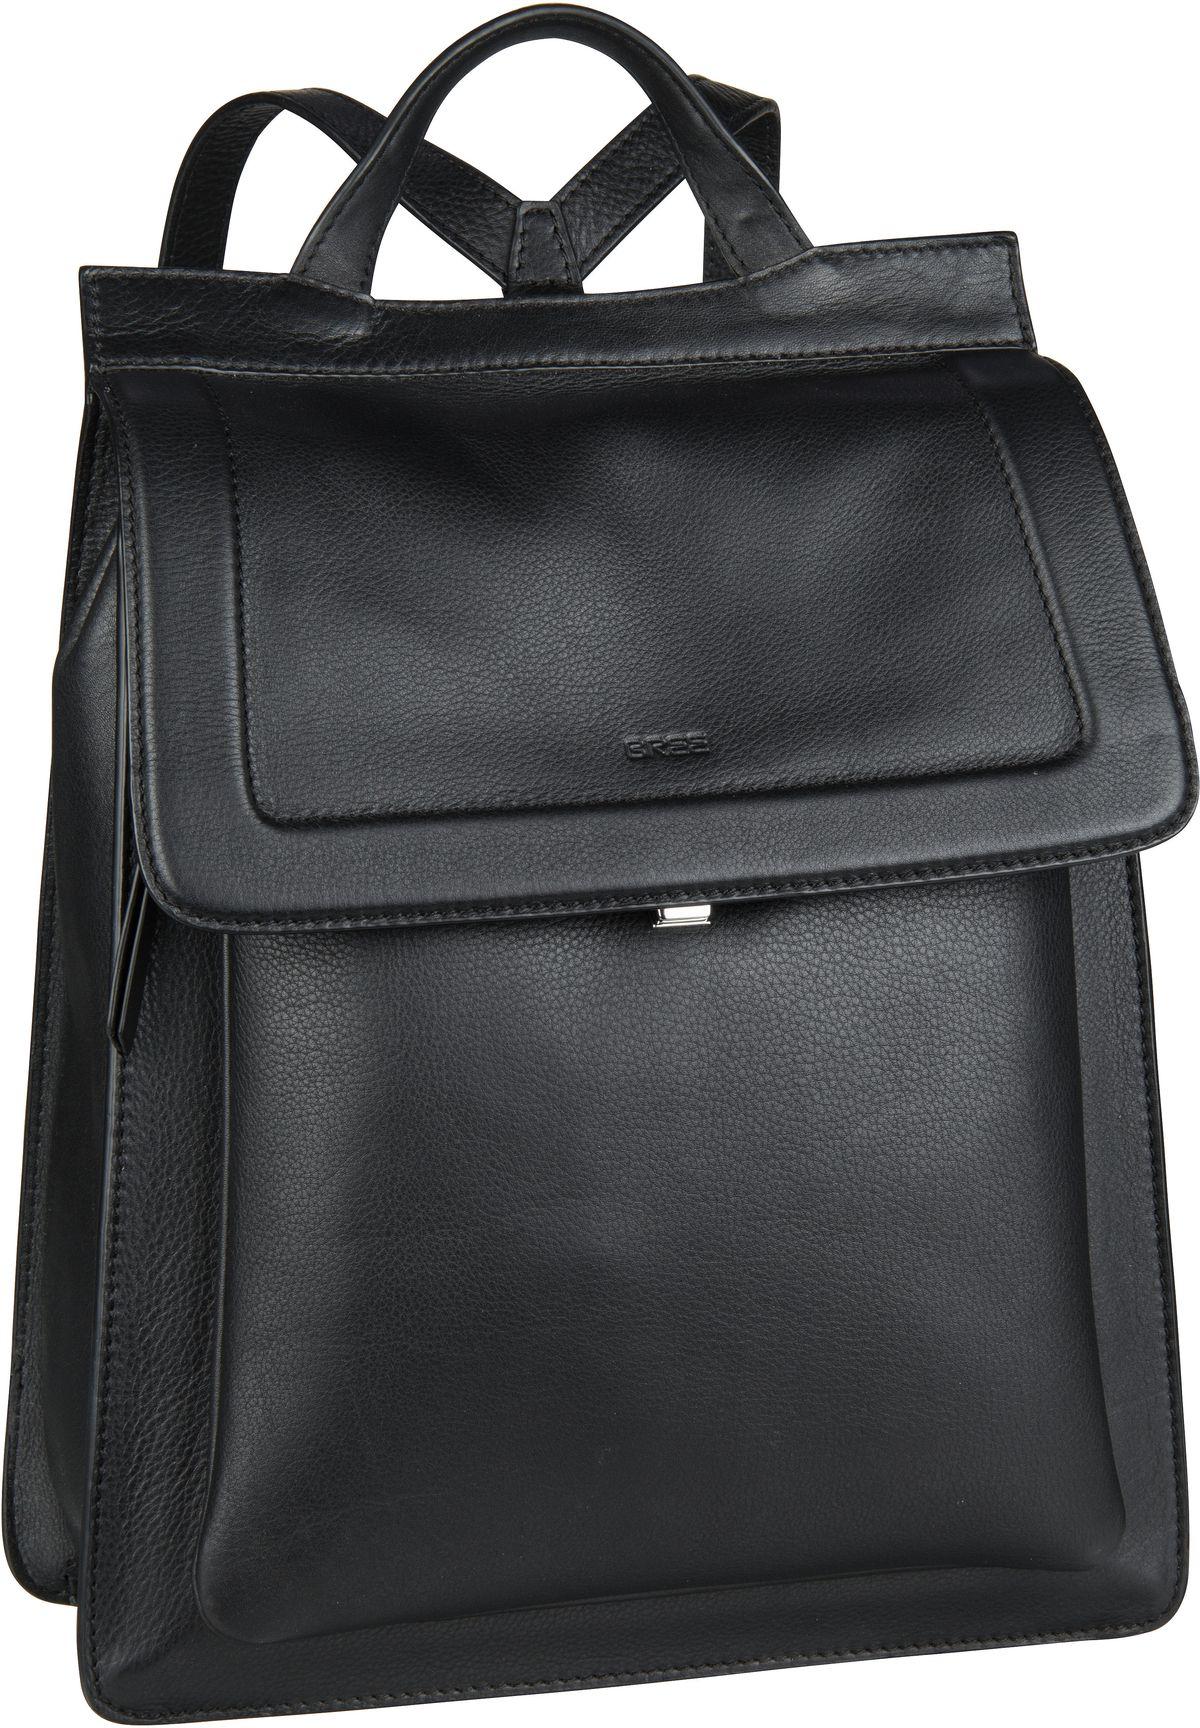 Rucksack / Daypack Splendor 3 Black (8 Liter)